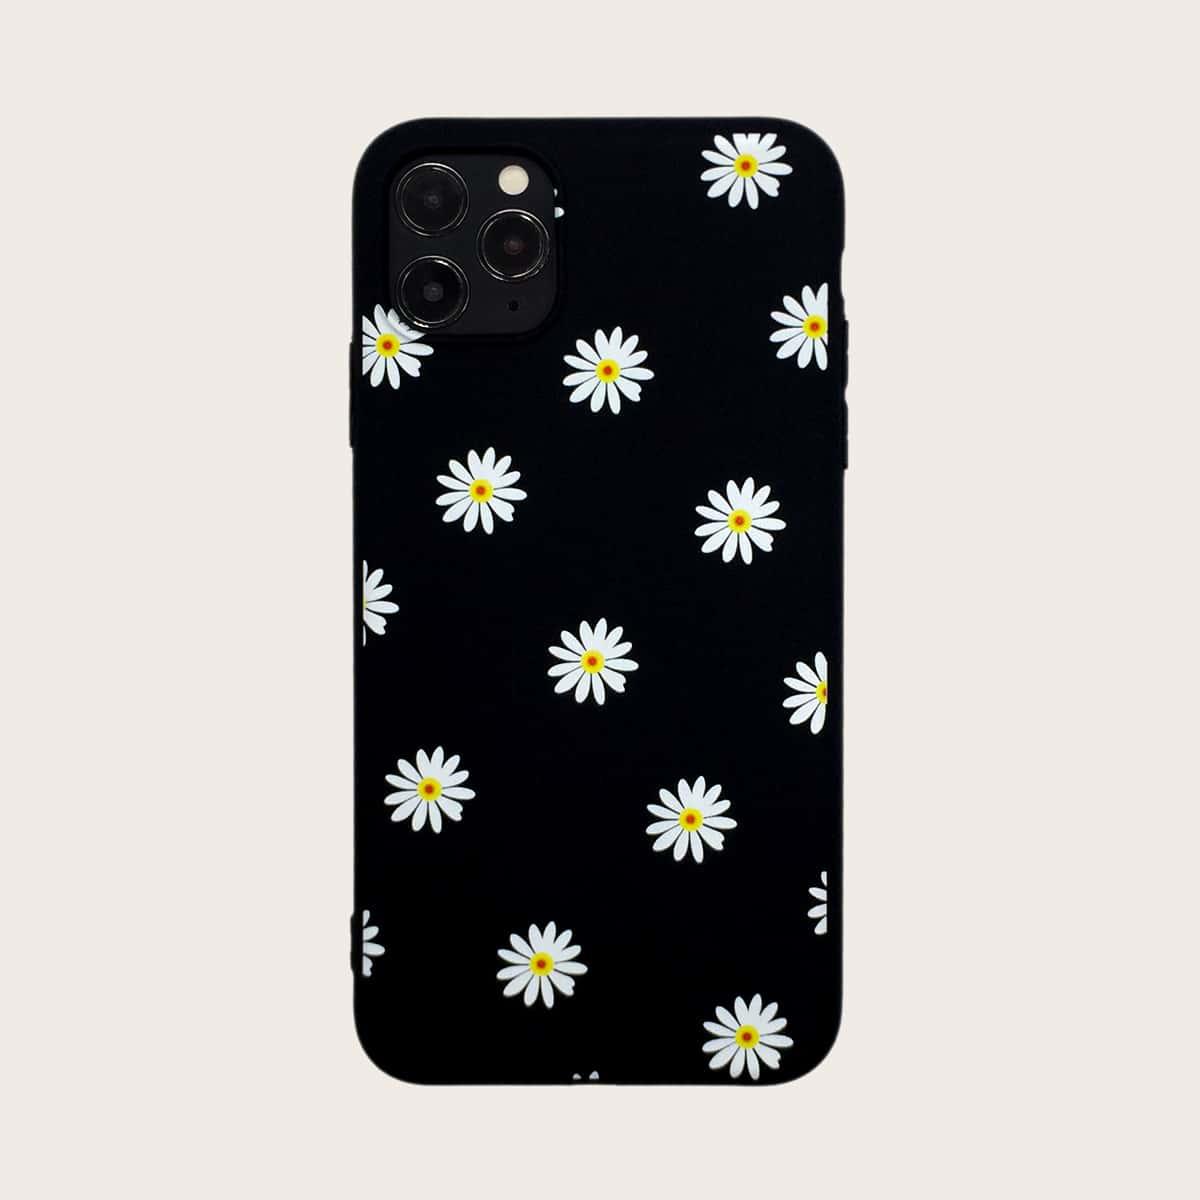 1шт чехол для iPhone с принтом цветка фото